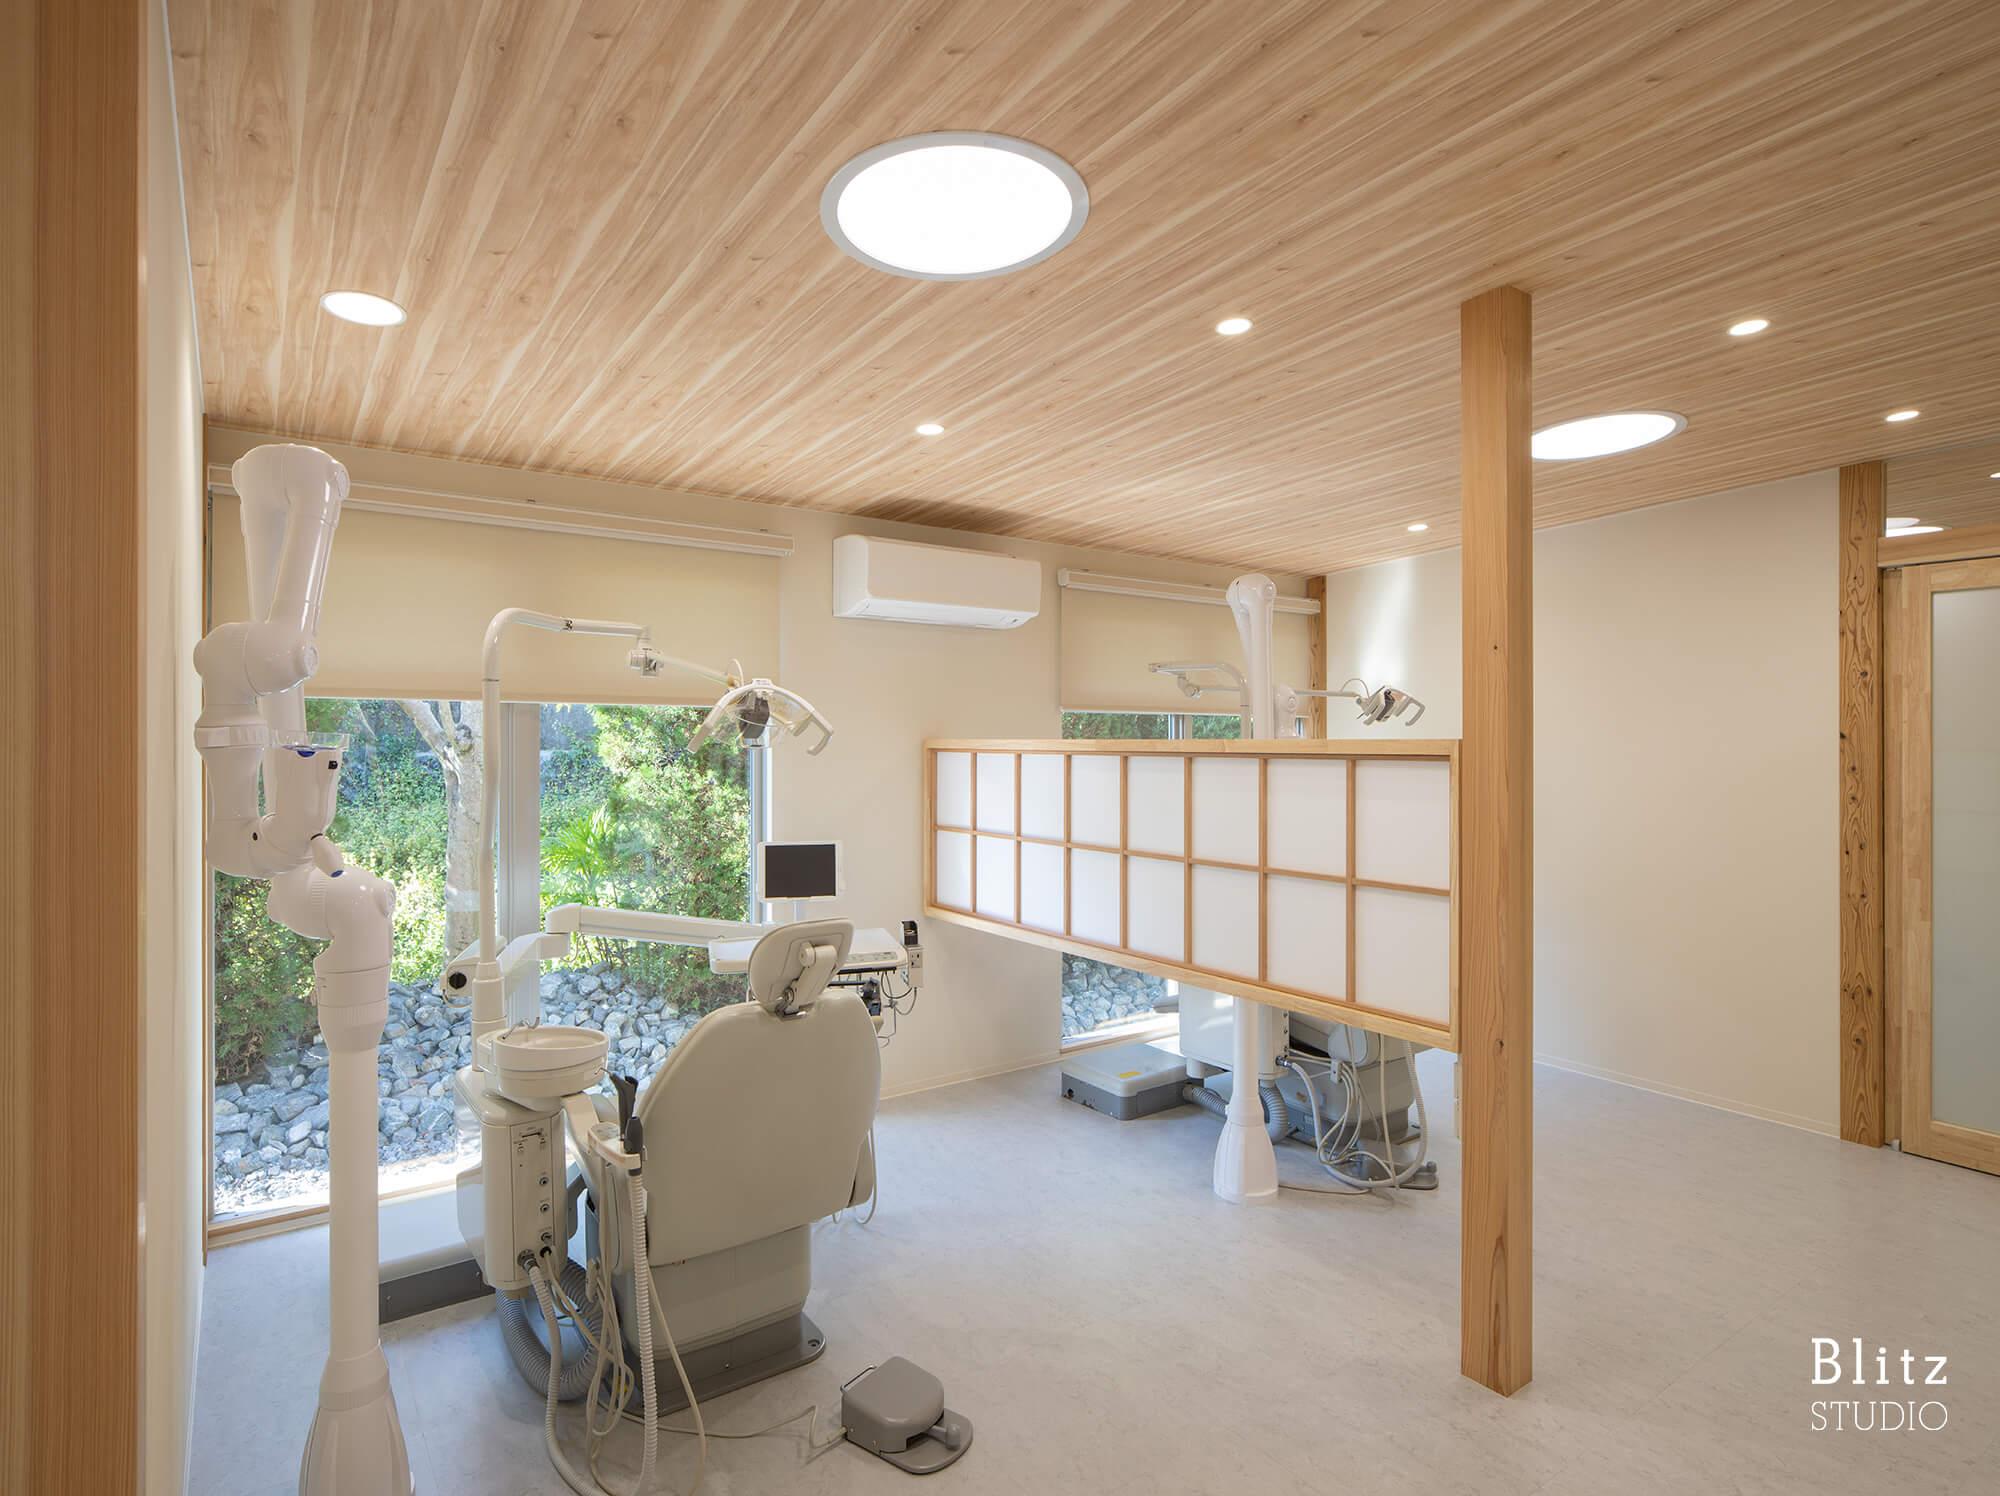 『江藤歯科医院』建築写真・竣工写真・インテリア写真9